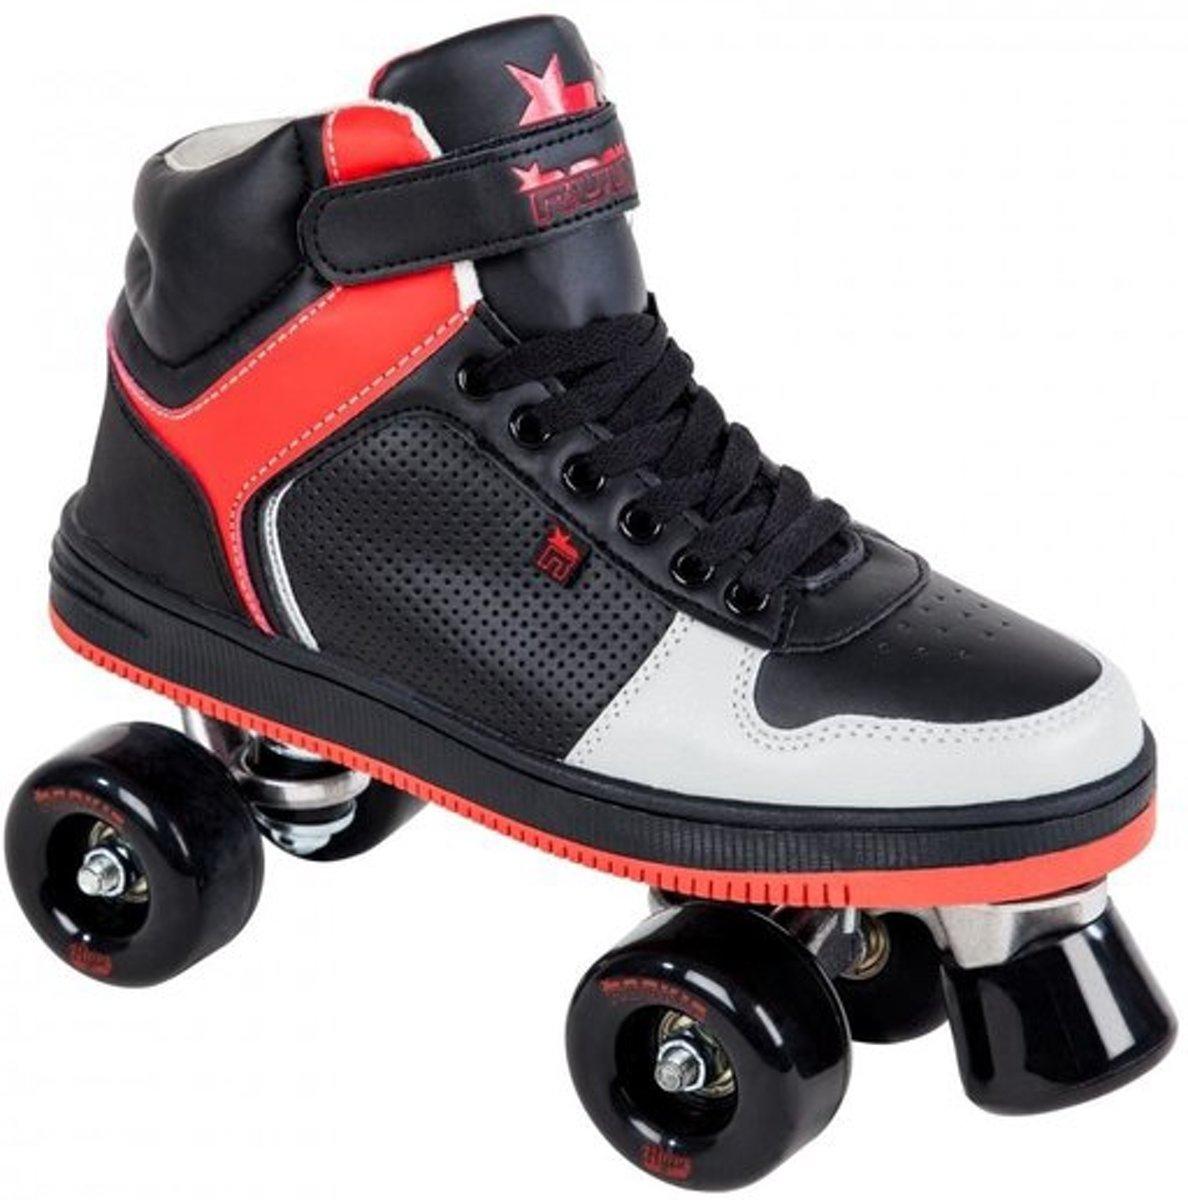 Rookie Rolschaatsen Hype Hi Top - Kinderen - Zwart/Rood - Maat 40 kopen